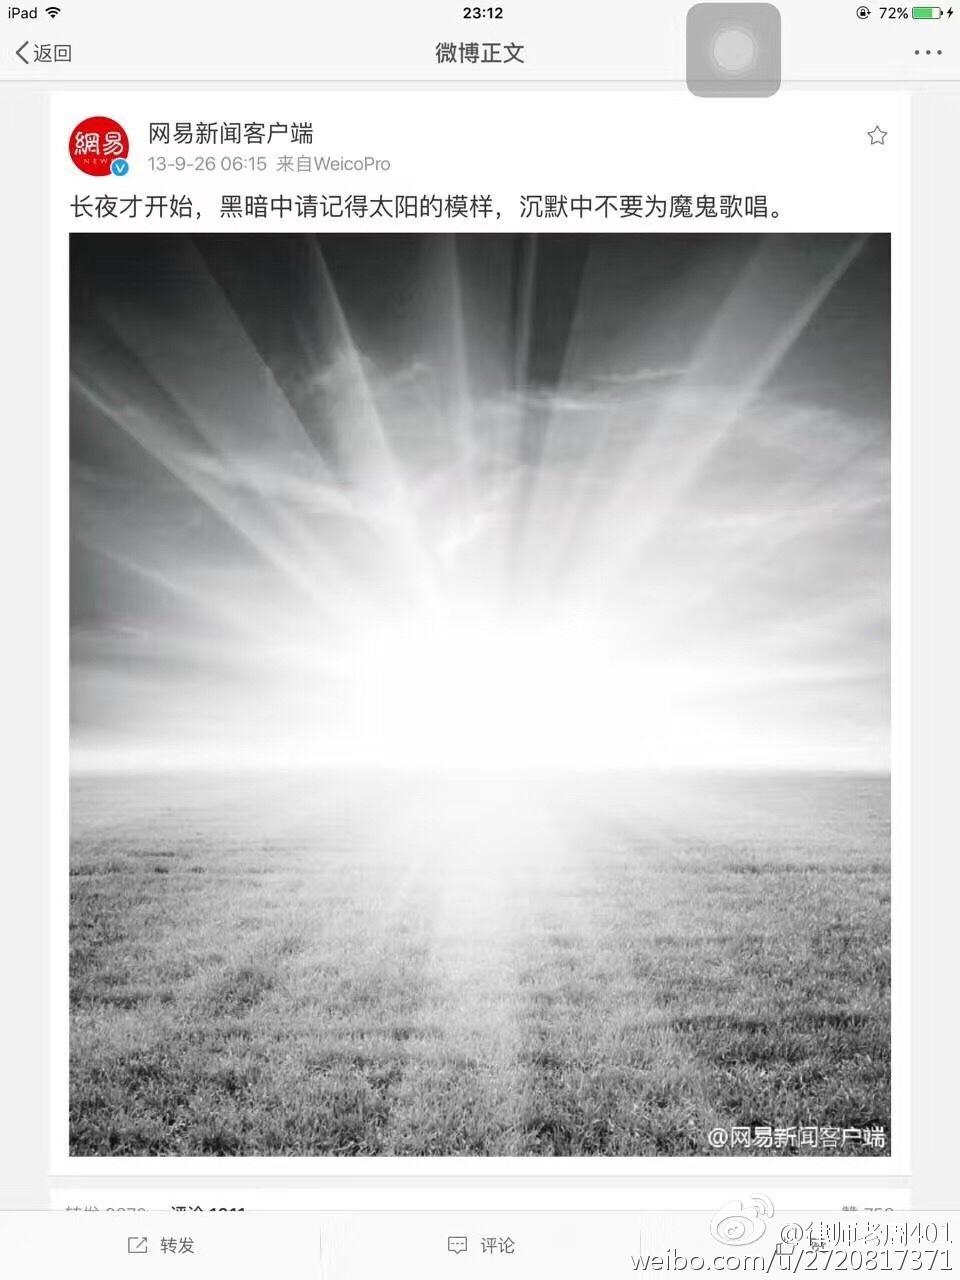 【河蟹档案】网易:「沉默中不要为恶魔歌唱」